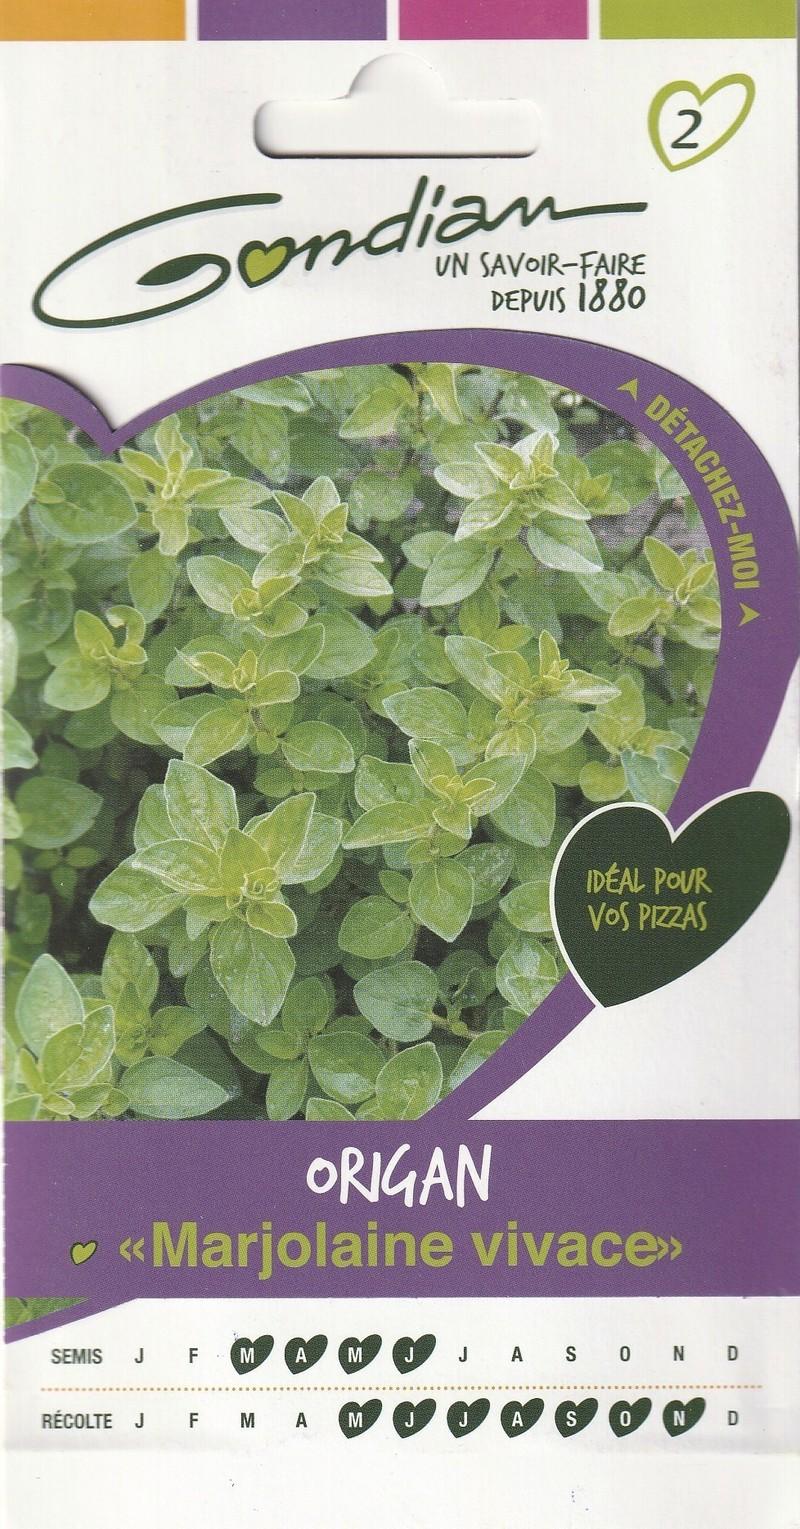 origan marjolaine vivace gondian graine semence aromatique potager sachet semis - Voir en grand